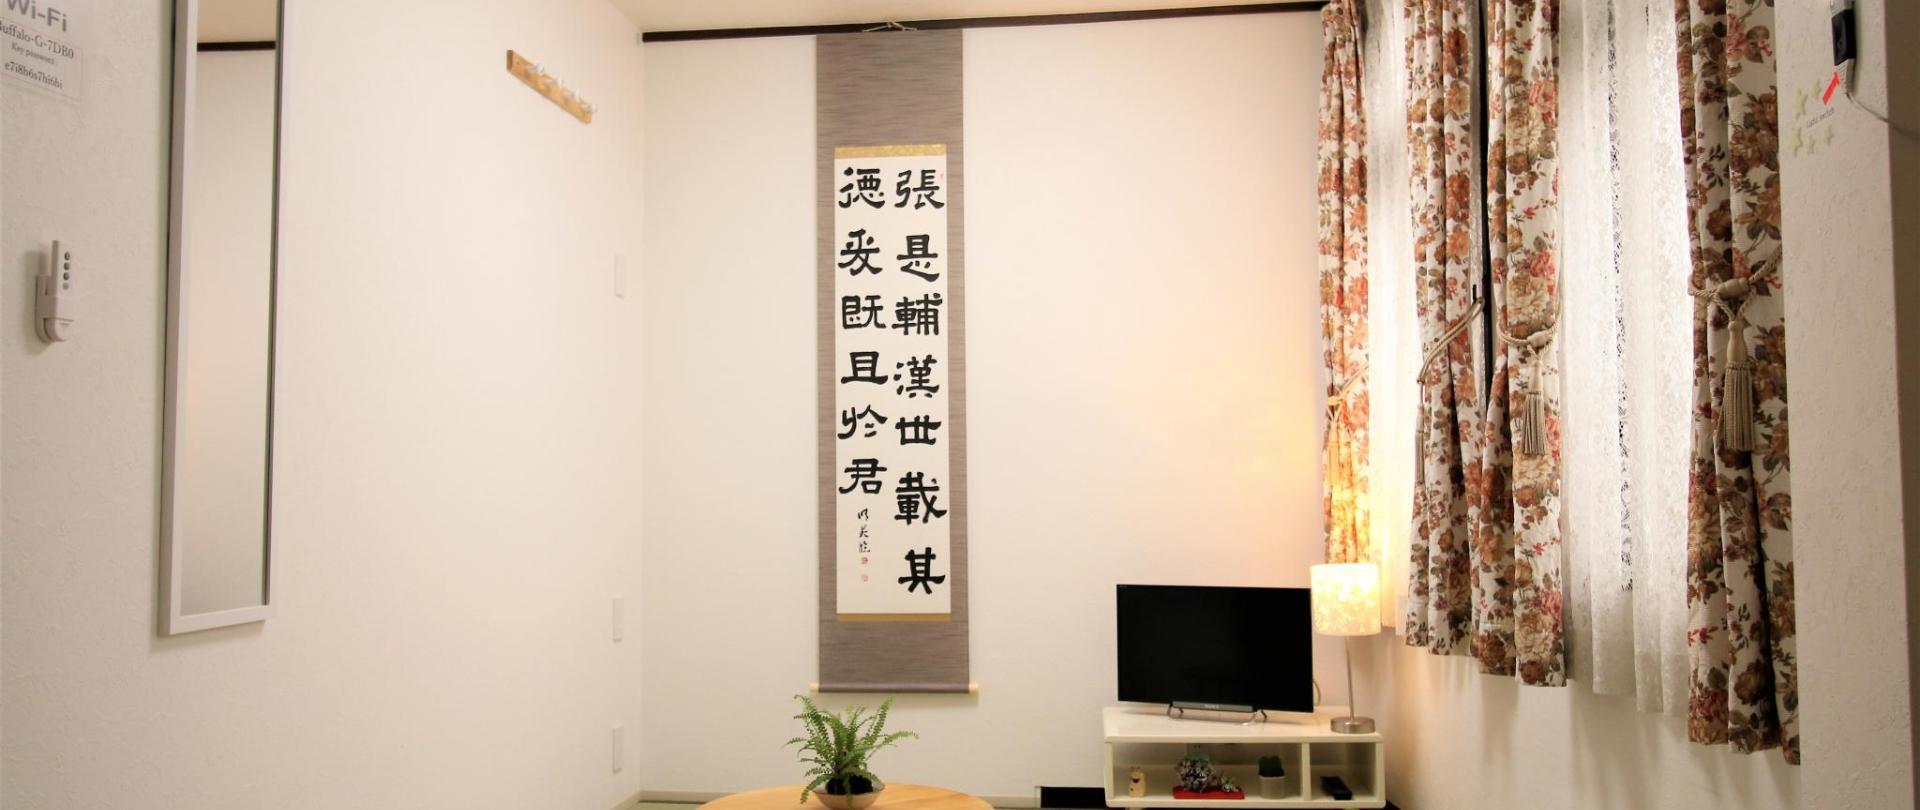 最終_9868.JPG